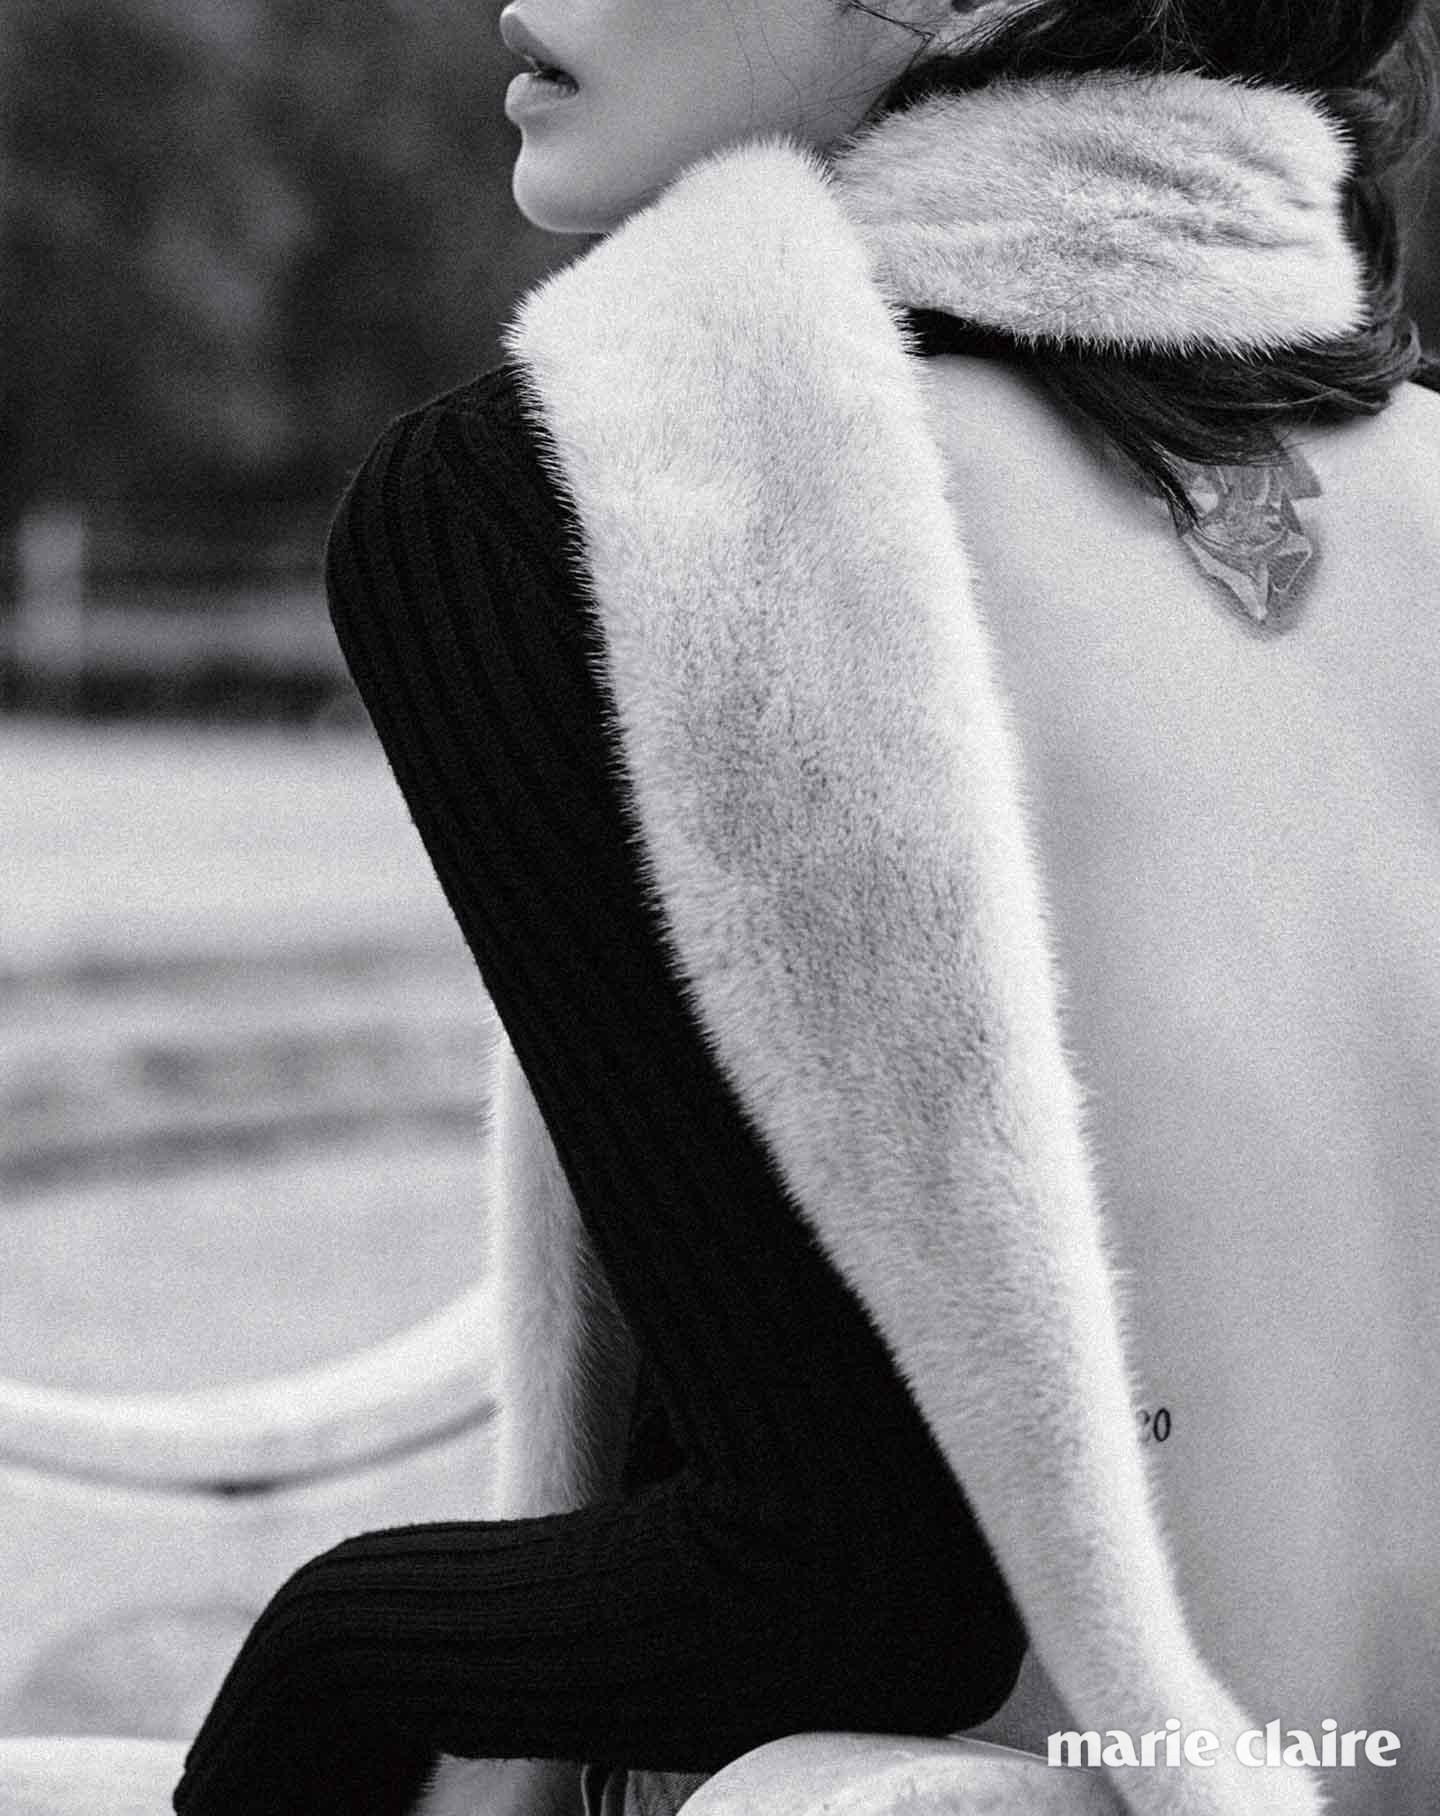 블랙 백리스 니트 톱 9만9천원 자라(Zara), 퍼 스톨 72만원대 잘루즈(Jalouse).